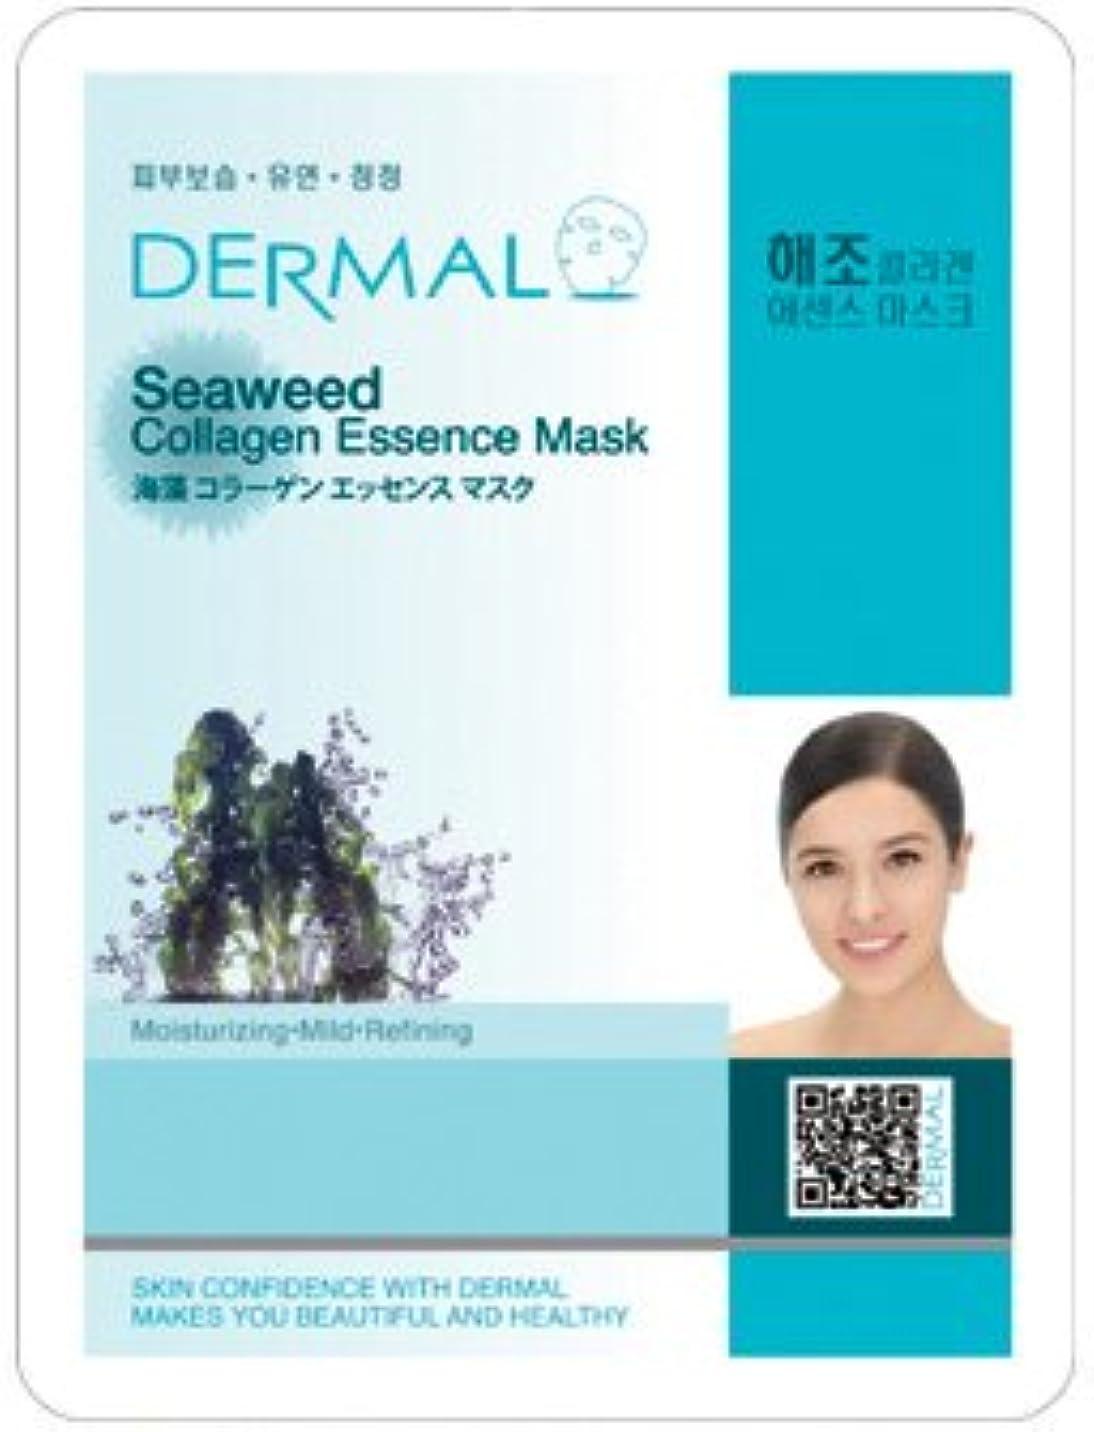 熟す住所ウォーターフロントシートマスク 海藻 100枚セット ダーマル(Dermal) フェイス パック